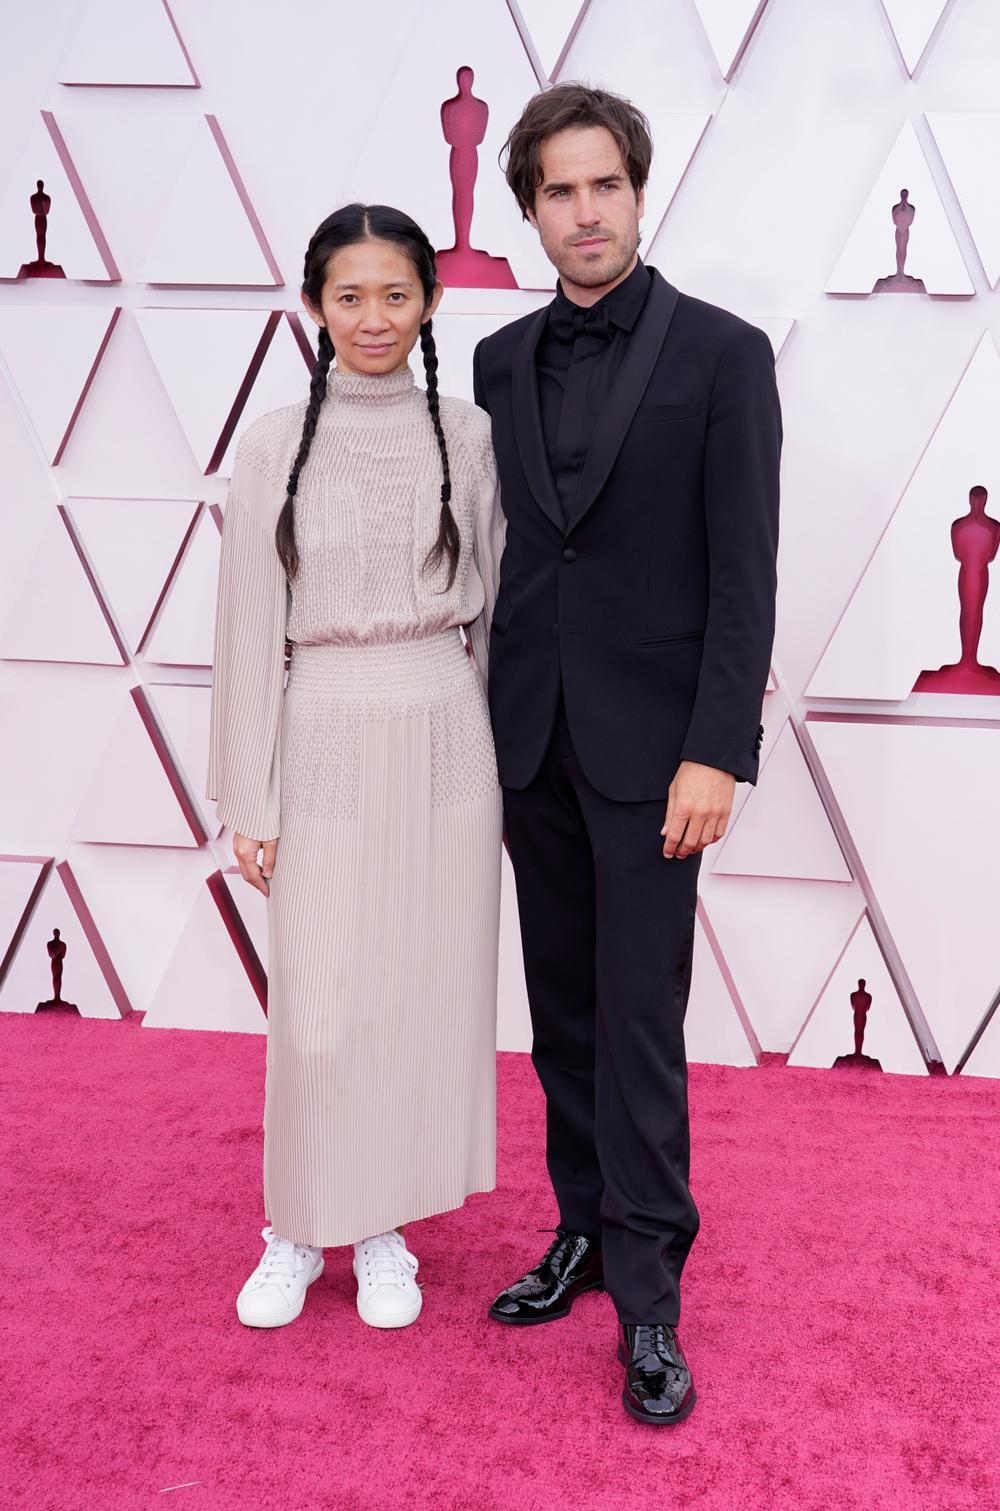 Thảm đỏ Oscar 2021: Lóa mắt với những bộ đầm lộng lẫy của dàn sao Hollywood đình đám Ảnh 12